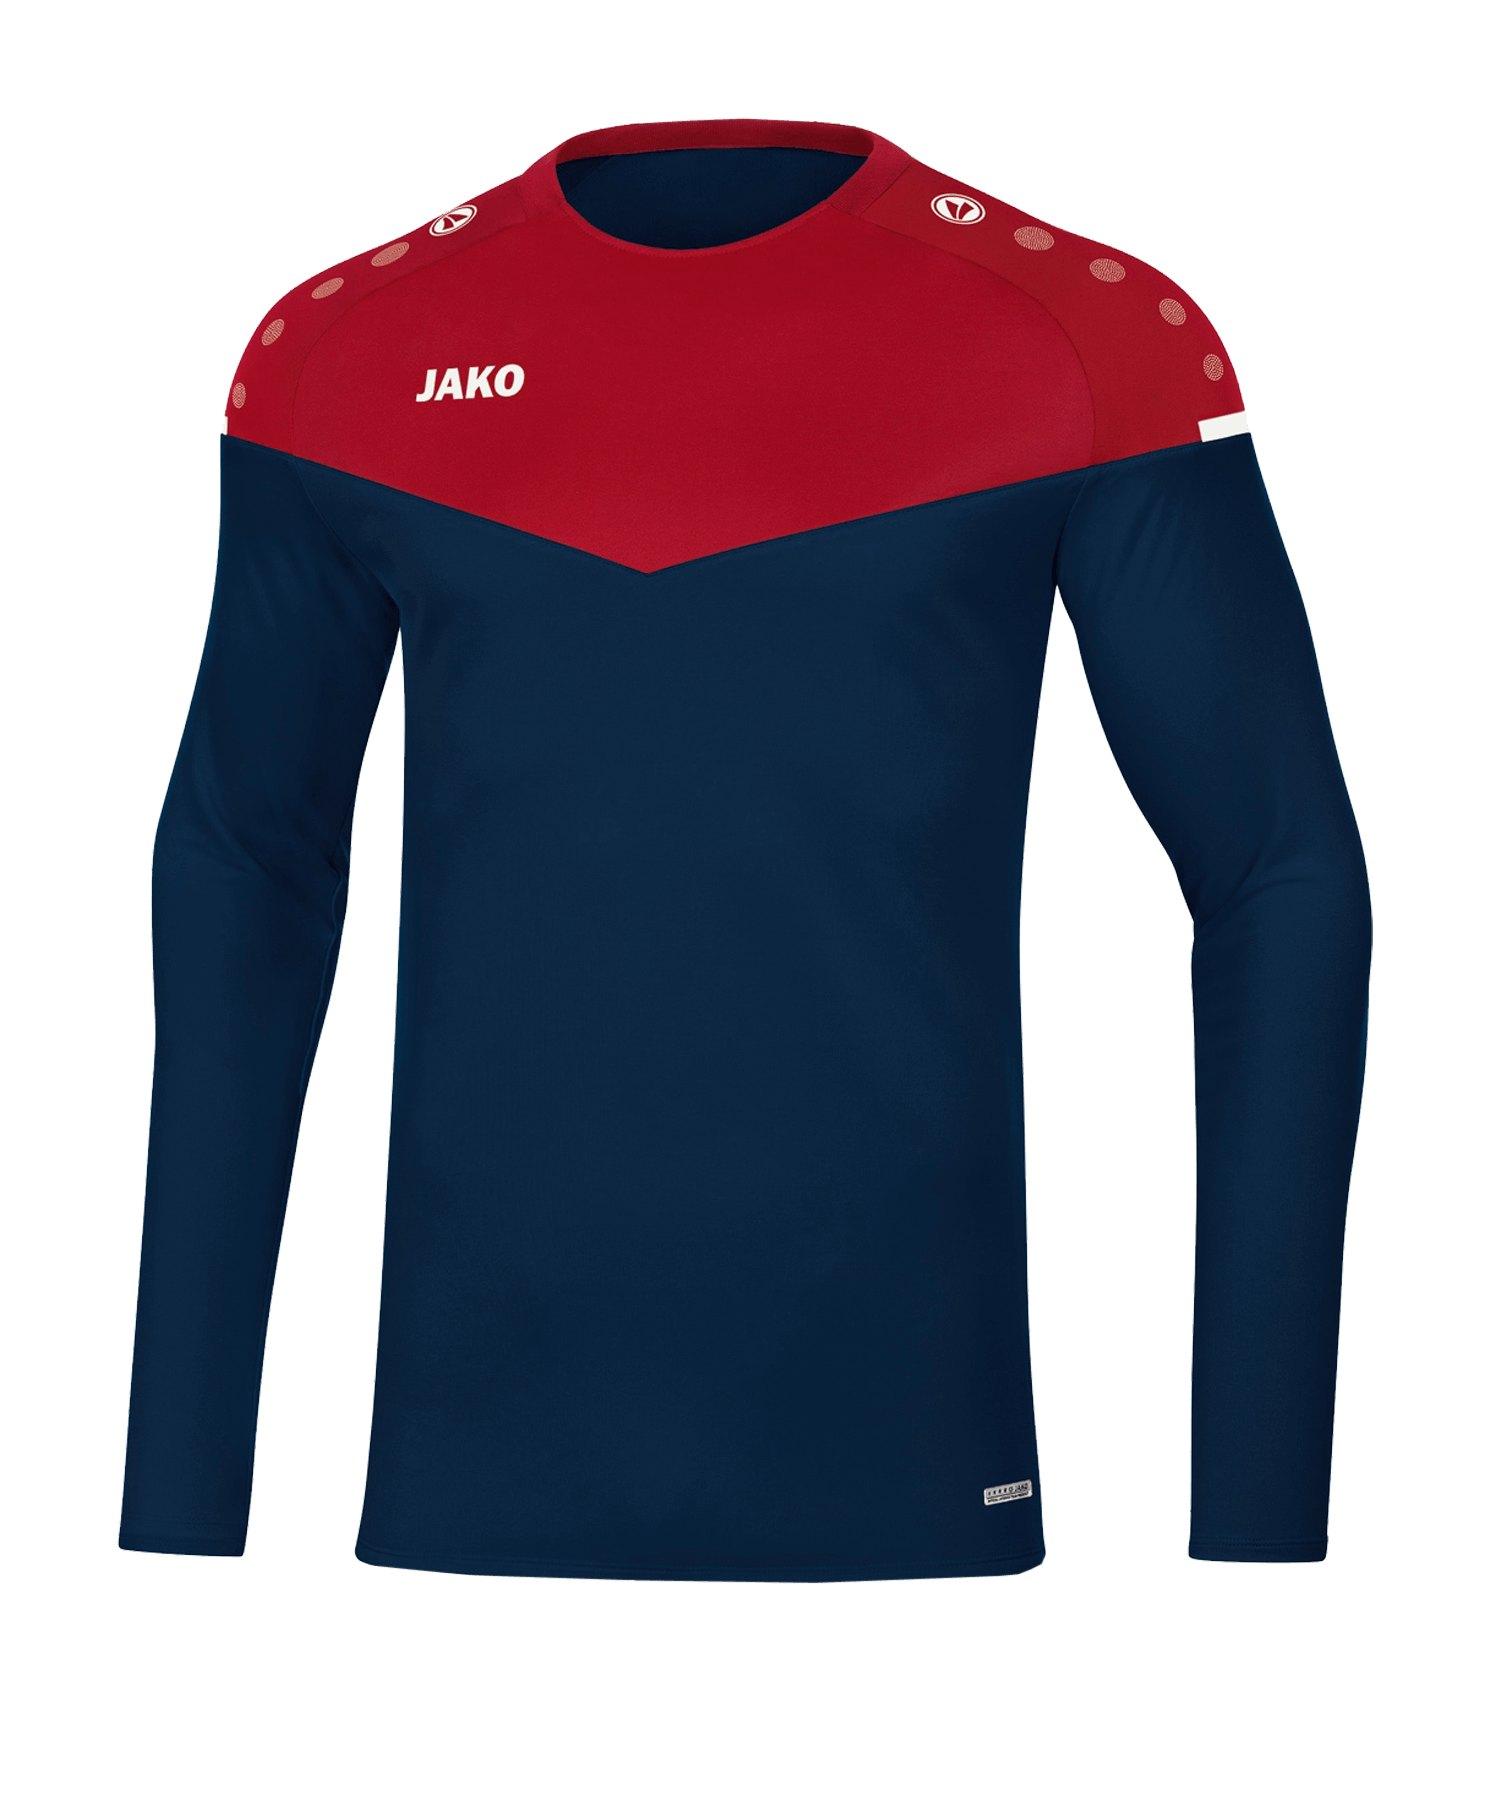 Jako Champ 2.0 Sweatshirt Kids Blau F91 - blau